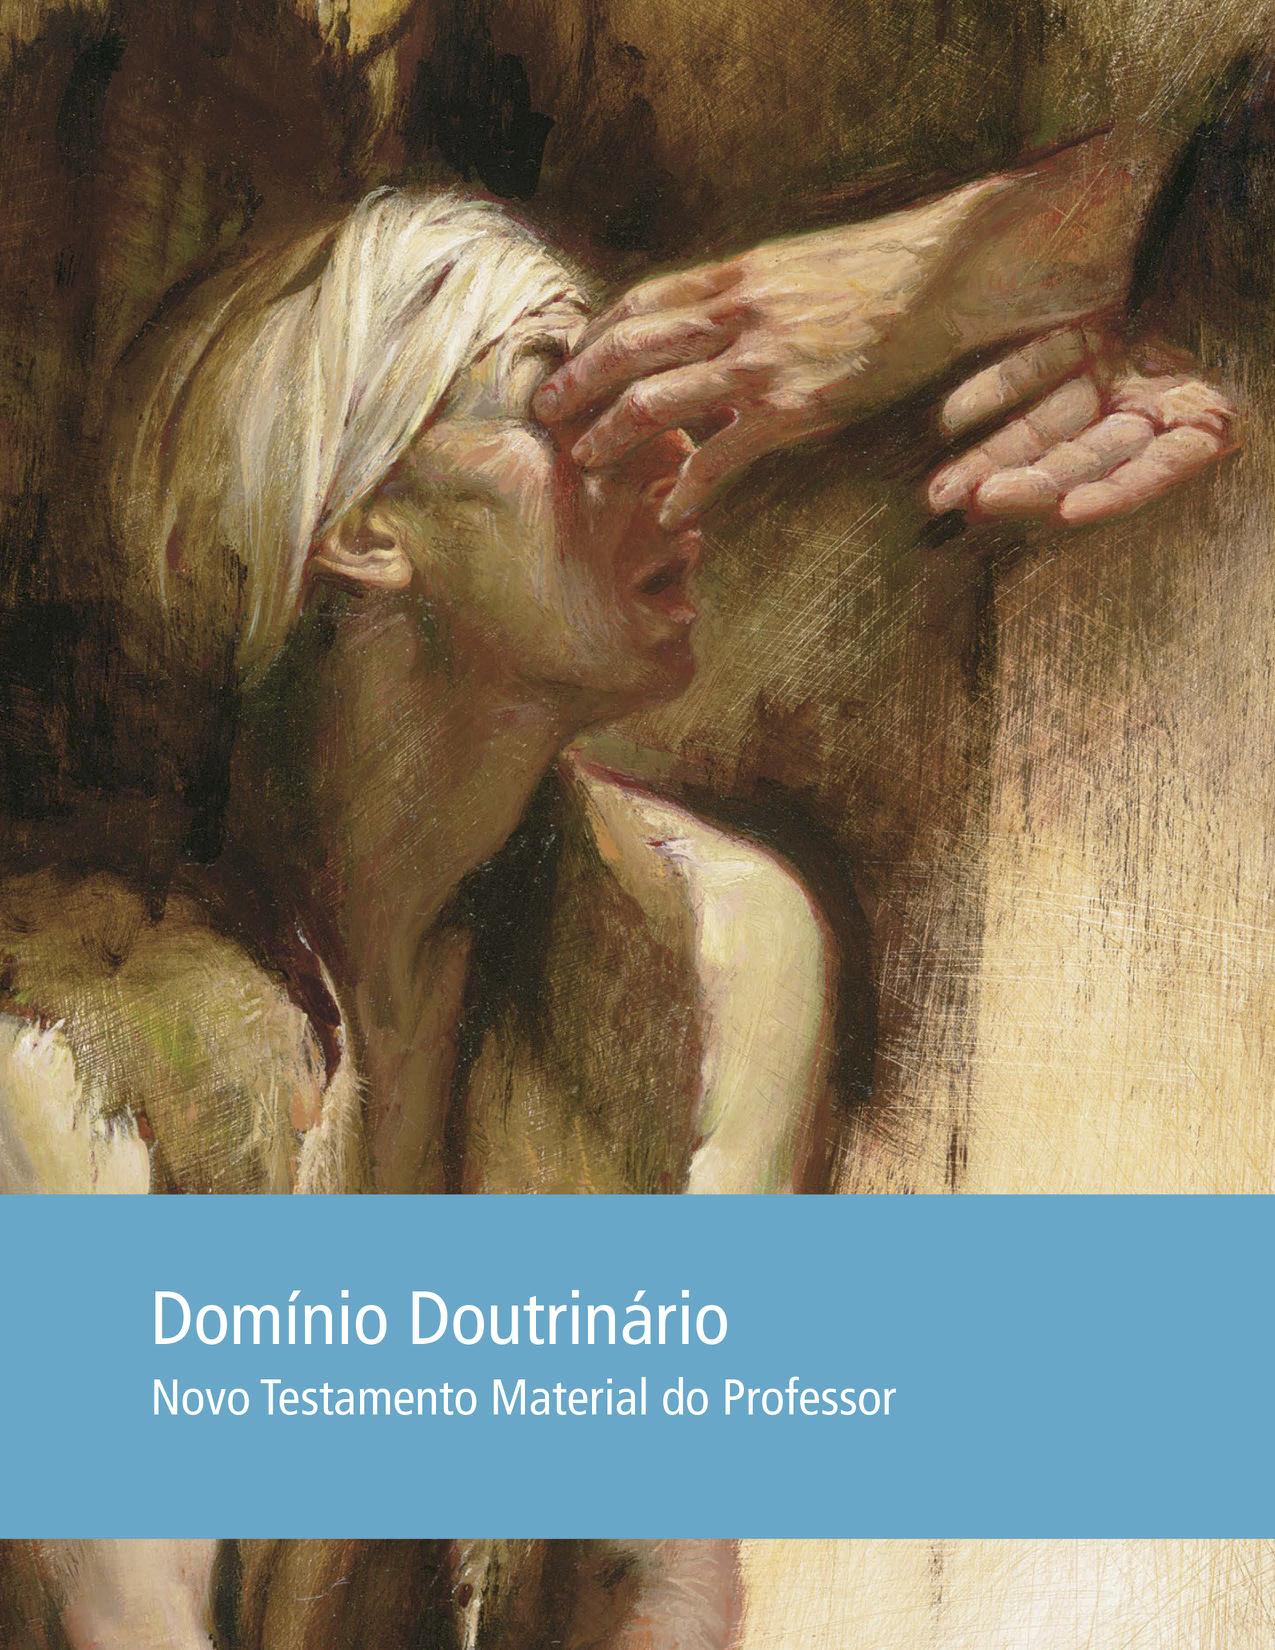 Domínio Doutrinário — Material do Professor